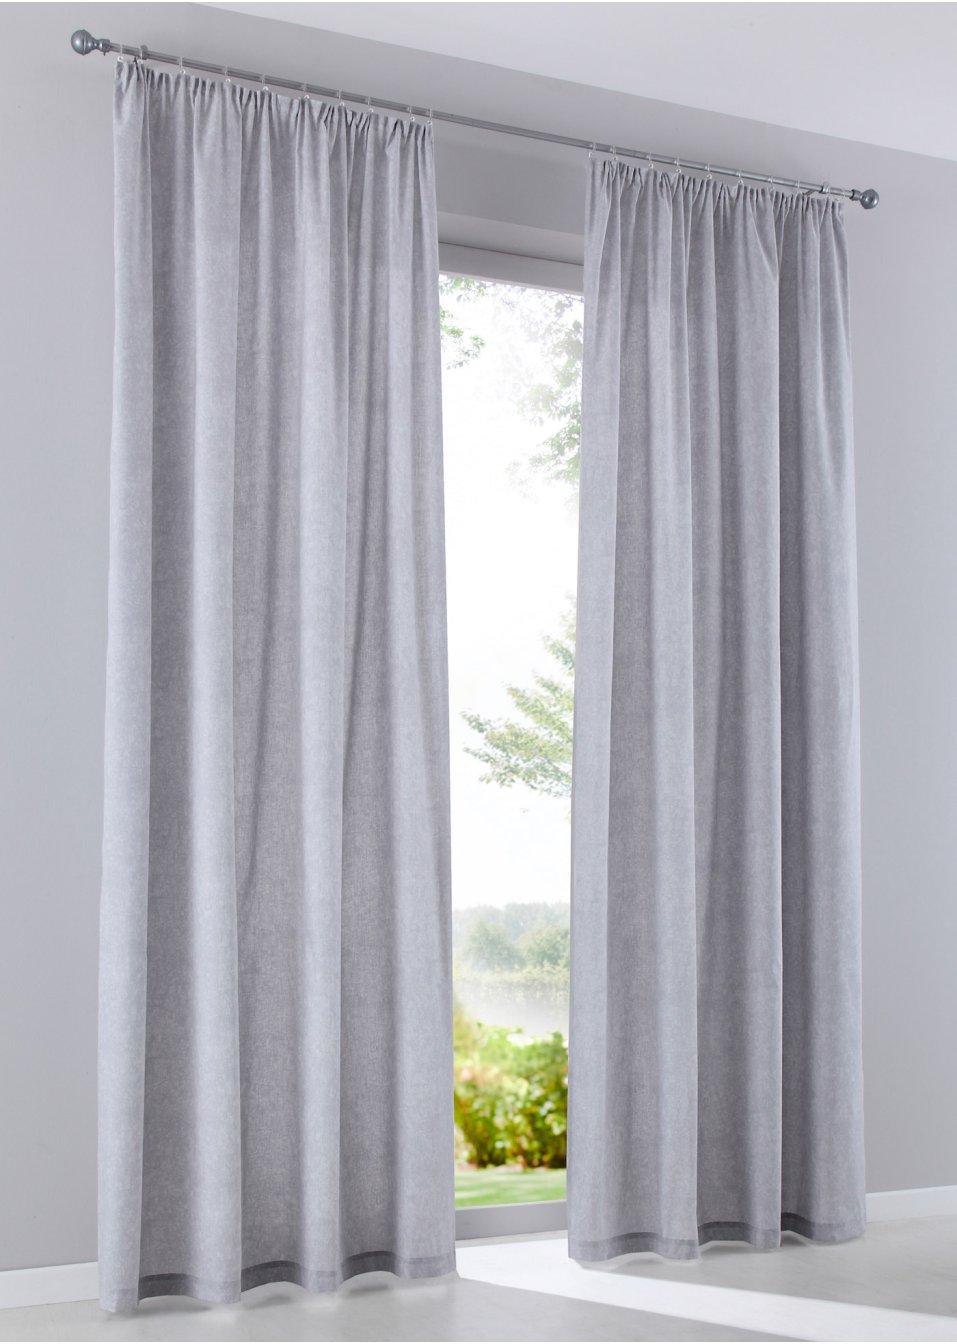 vorhang gunilla 2er pack grau wohnen bpc living. Black Bedroom Furniture Sets. Home Design Ideas